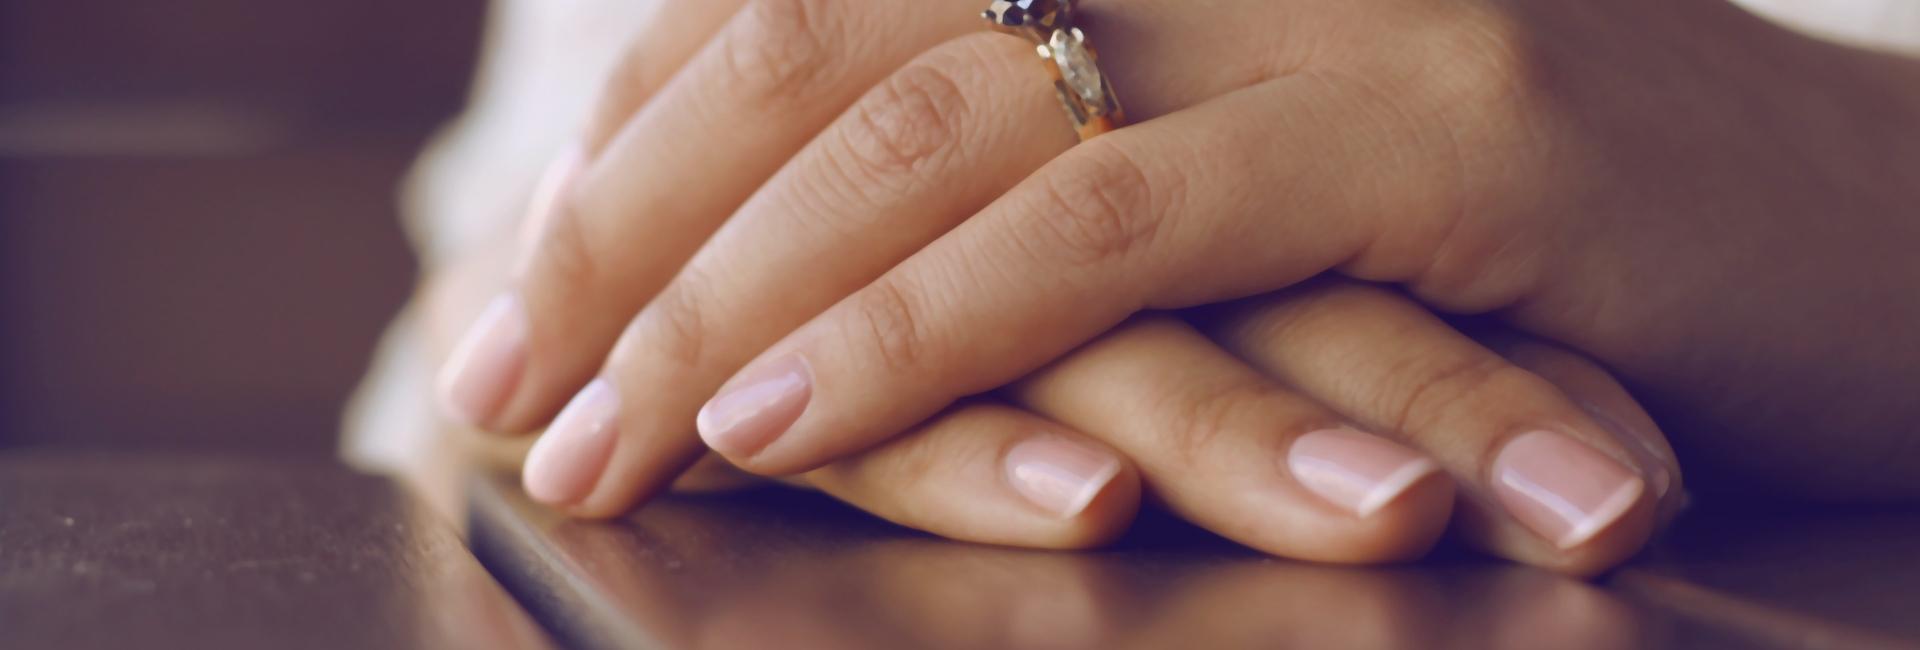 Efectos secundarios de la quimioterapia en las uñas y su cuidado